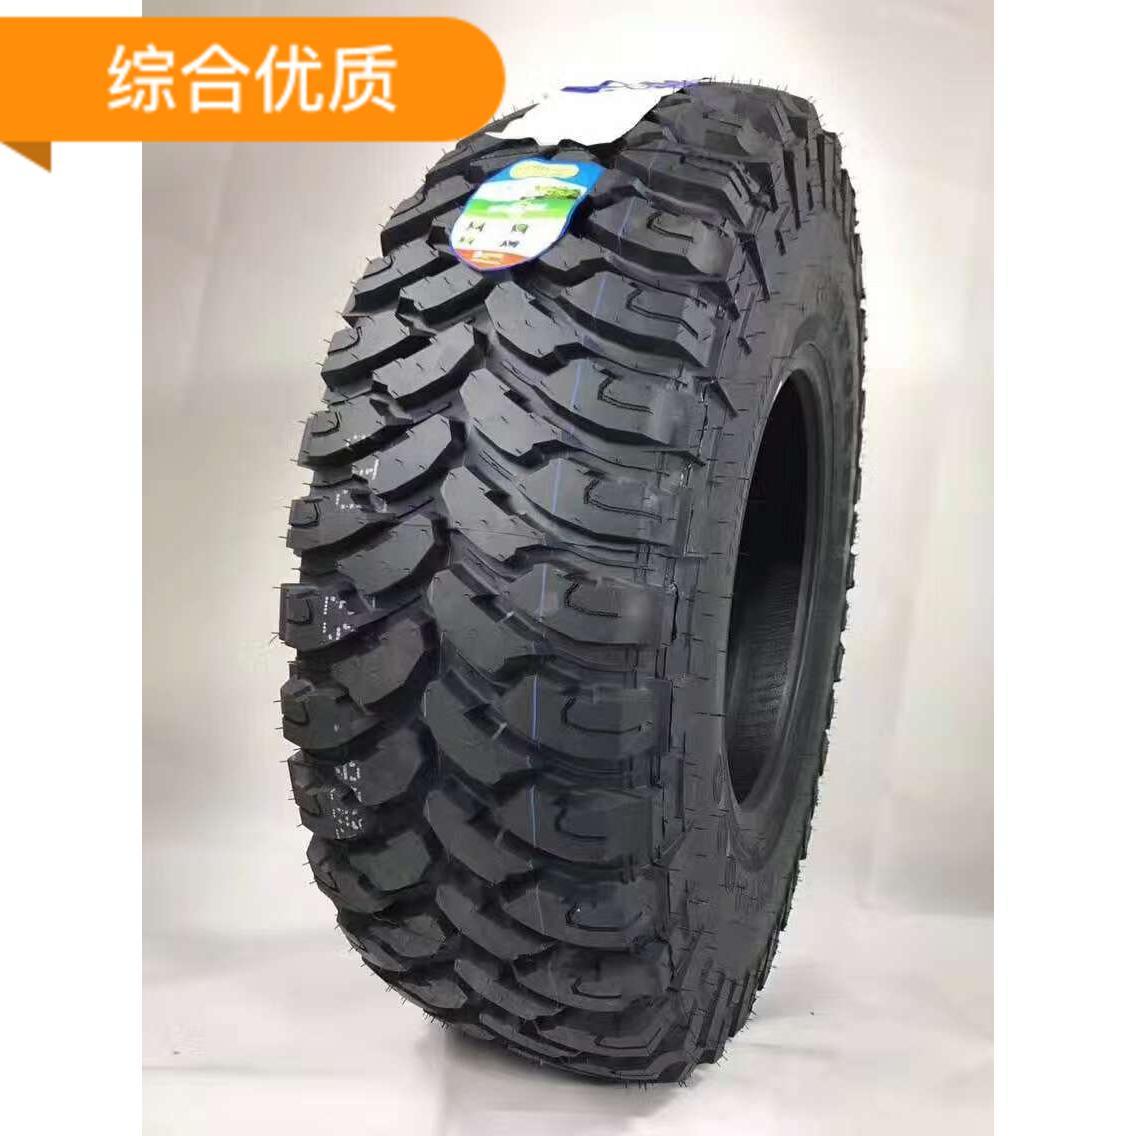 科马仕轮胎31X10 5R15MT越野泥地胎32X11.5 33X12 35 17 37 18 20